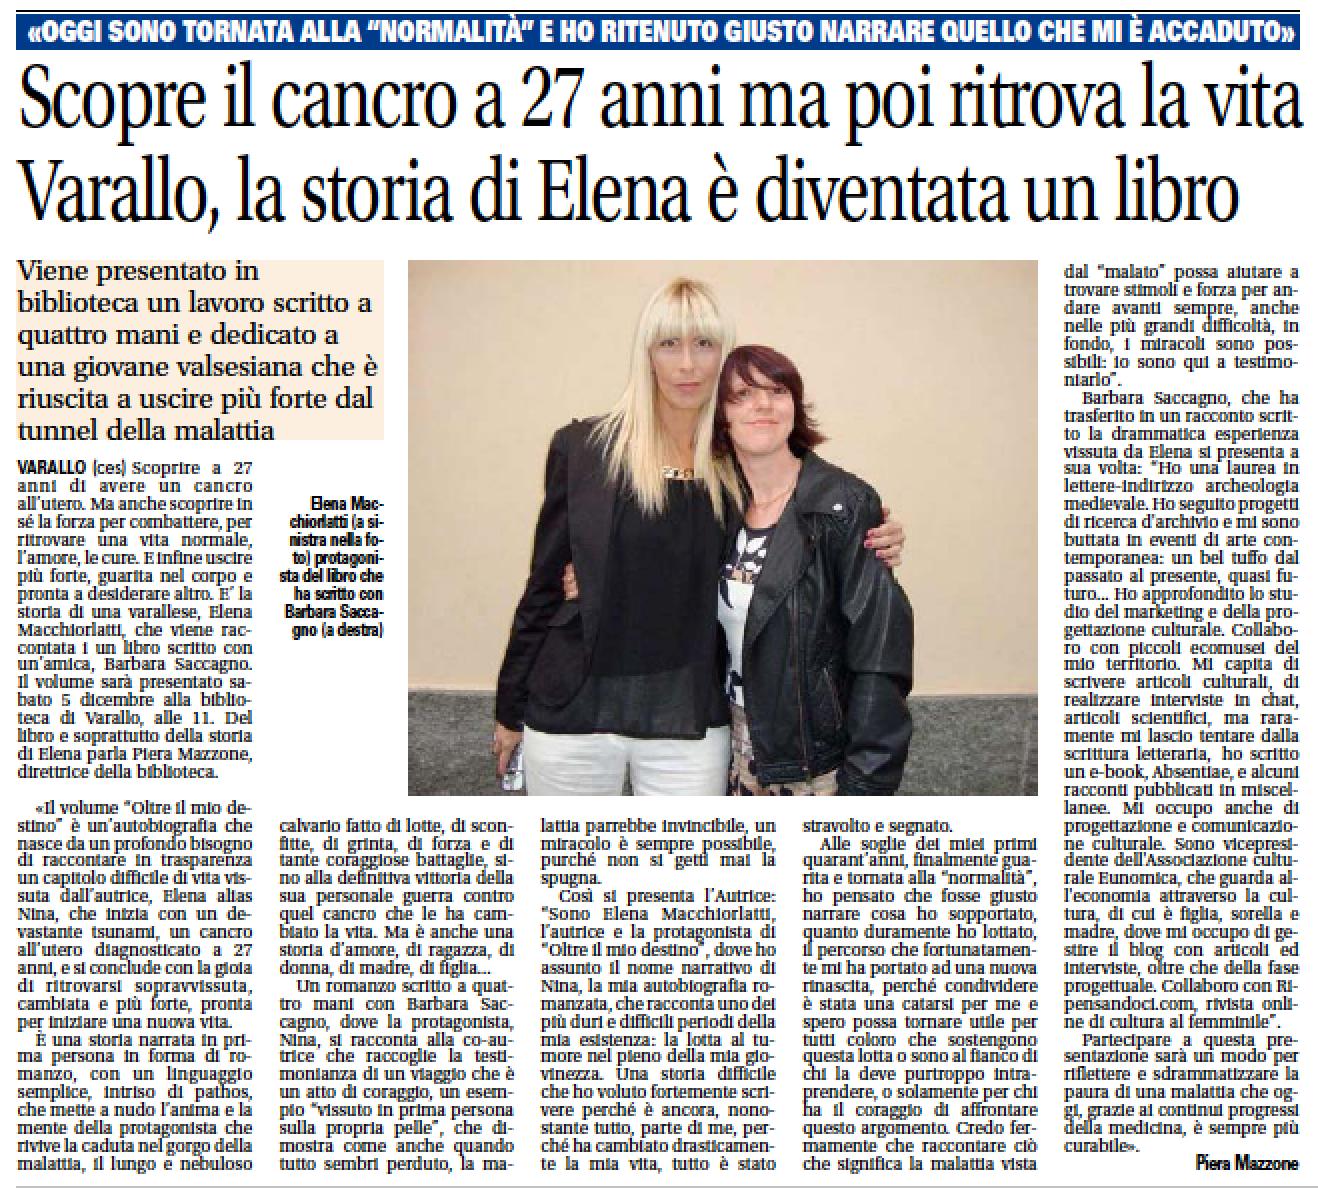 Notizia Oggi, 26 Novembre 2015, a cura di Piera Mazzone